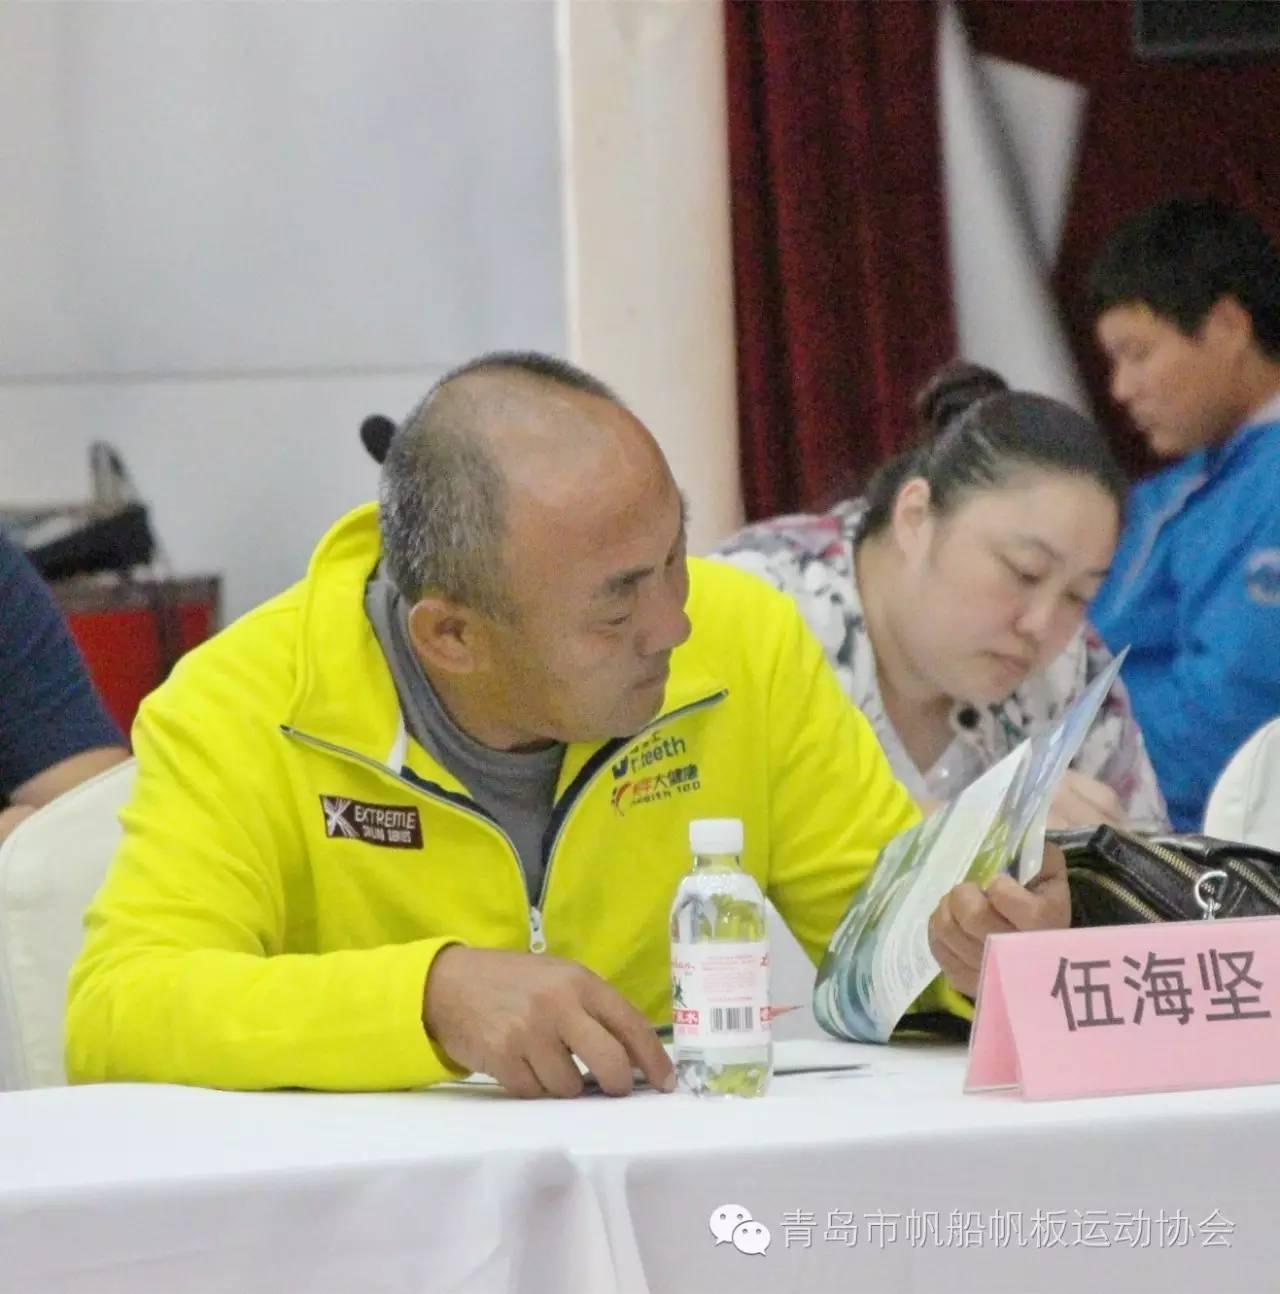 青岛市,俱乐部,大世界,帆板,中国女子 2016年青岛市帆船俱乐部发展战略研讨暨资源分享会 71901173d96d925c3cc9dd9ce2d529d4.jpg